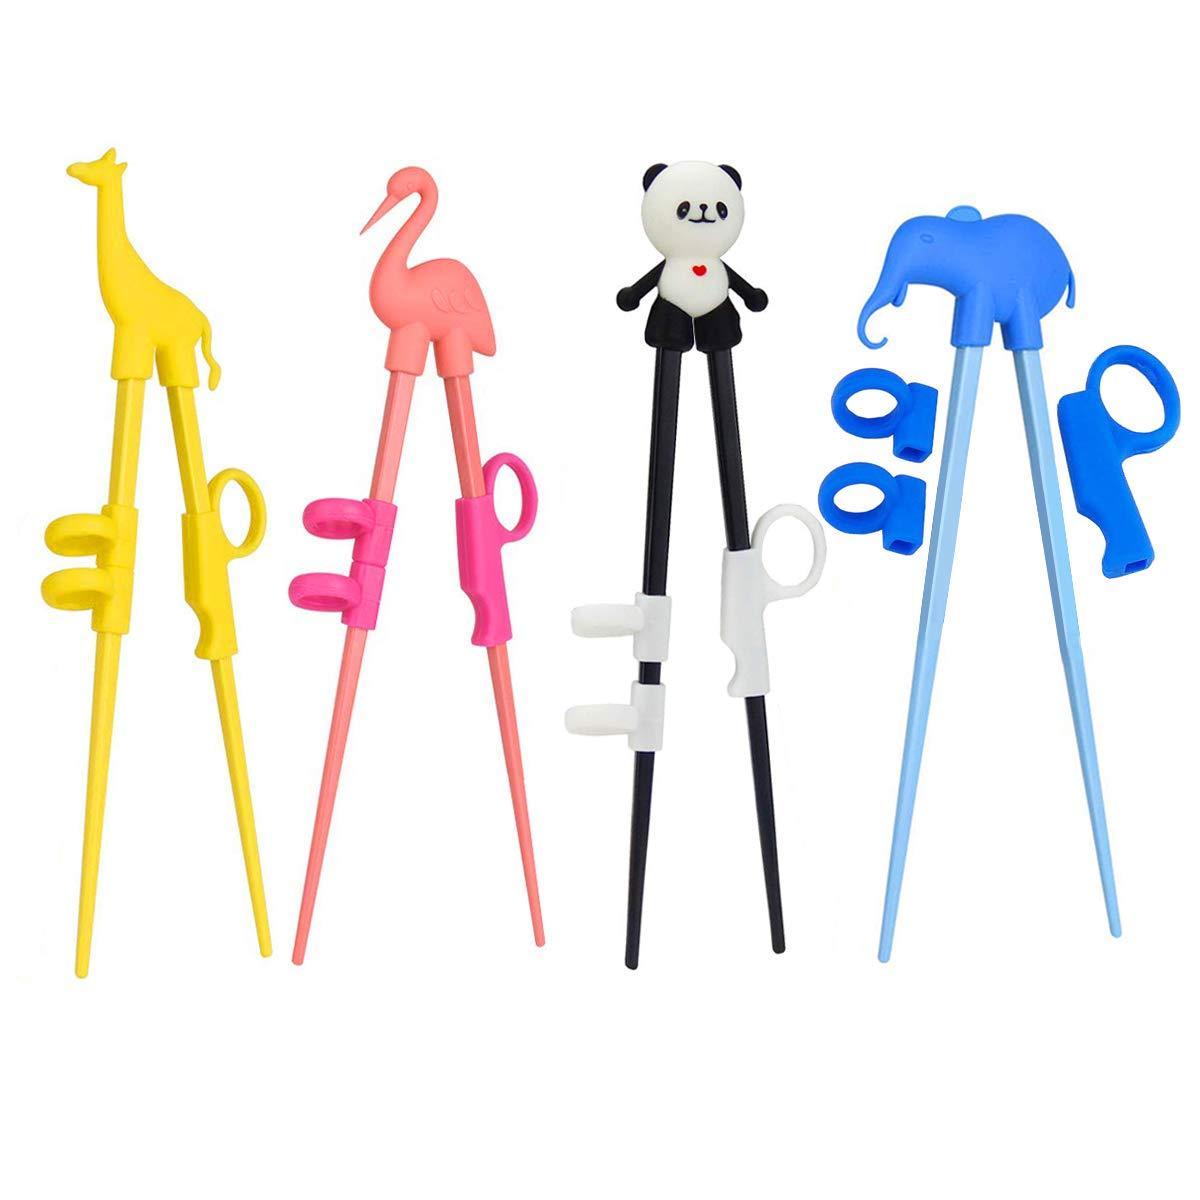 最安価格 UKCG 4組 漫画学習箸ヘルパー 子供のトレーニング箸 B07P9WNT2N 動物の箸 子供 4組 大人 初心者用 初心者用 B07P9WNT2N, マリイソル:ca9a7ccd --- yelica.com